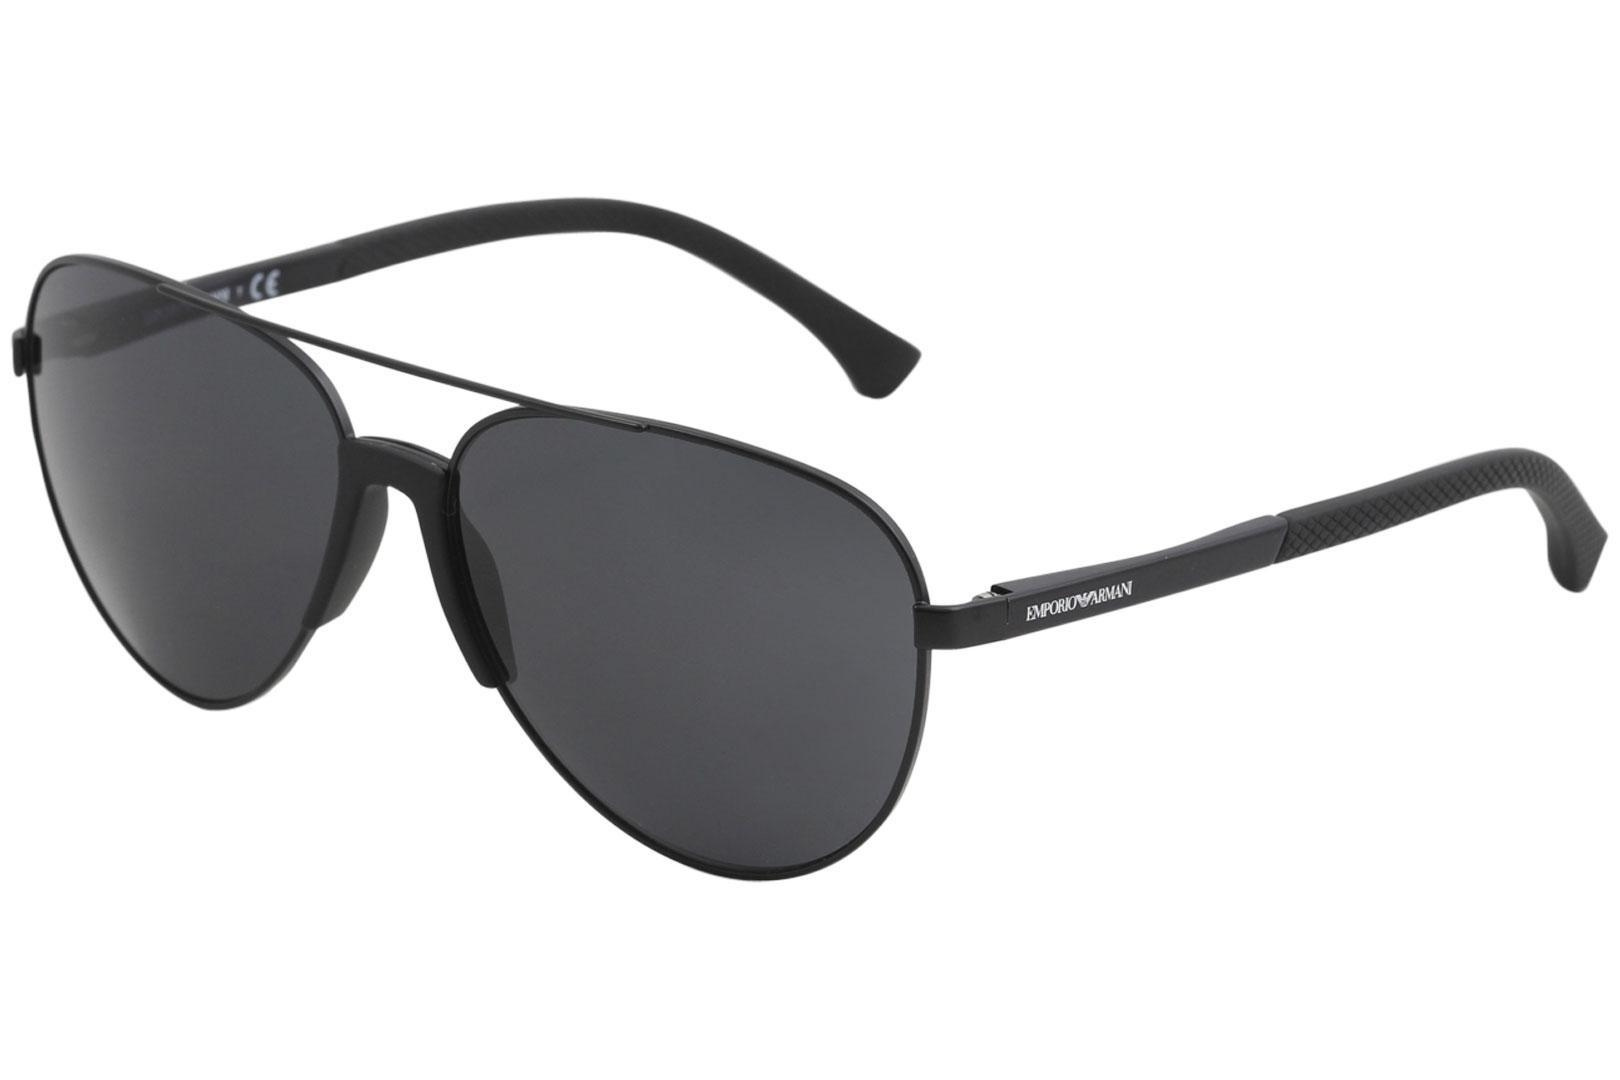 e50981b5a051 Emporio Armani Men s EA2059 EA 2059 Fashion Pilot Sunglasses by Emporio  Armani